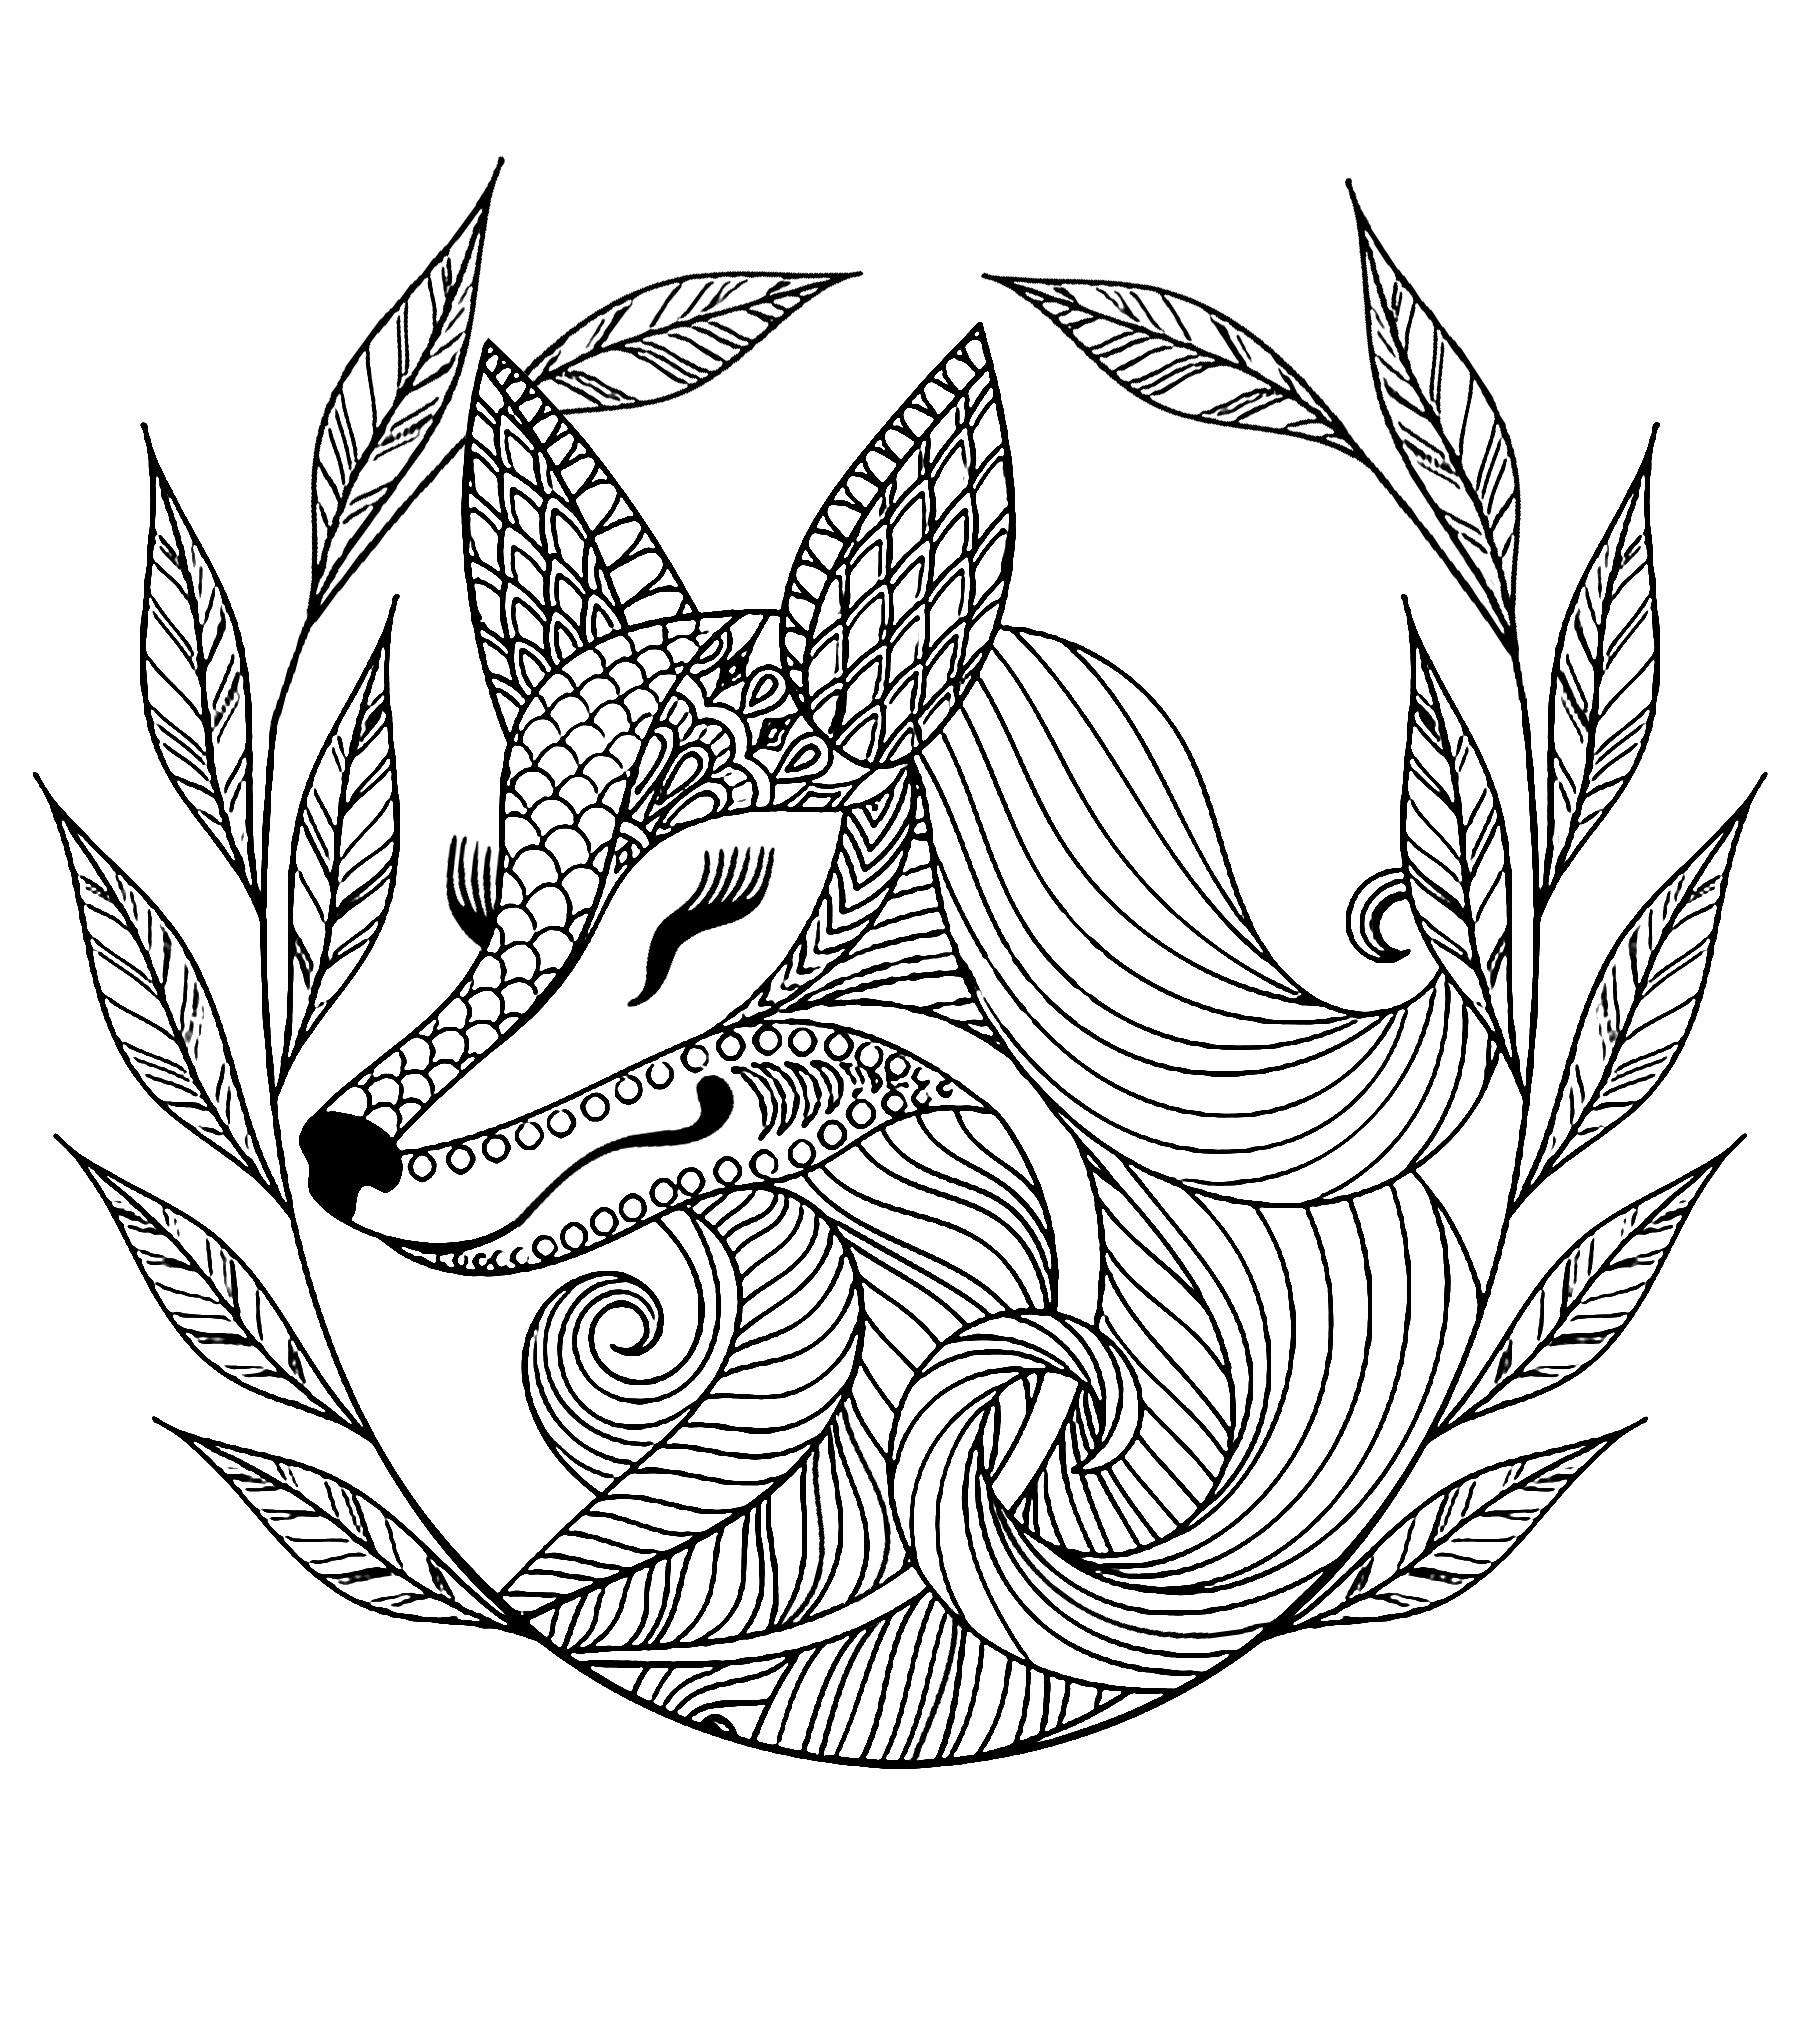 Difficile renard et feuilles animaux coloriages difficiles pour adultes justcolor - Coloriage renard a imprimer ...